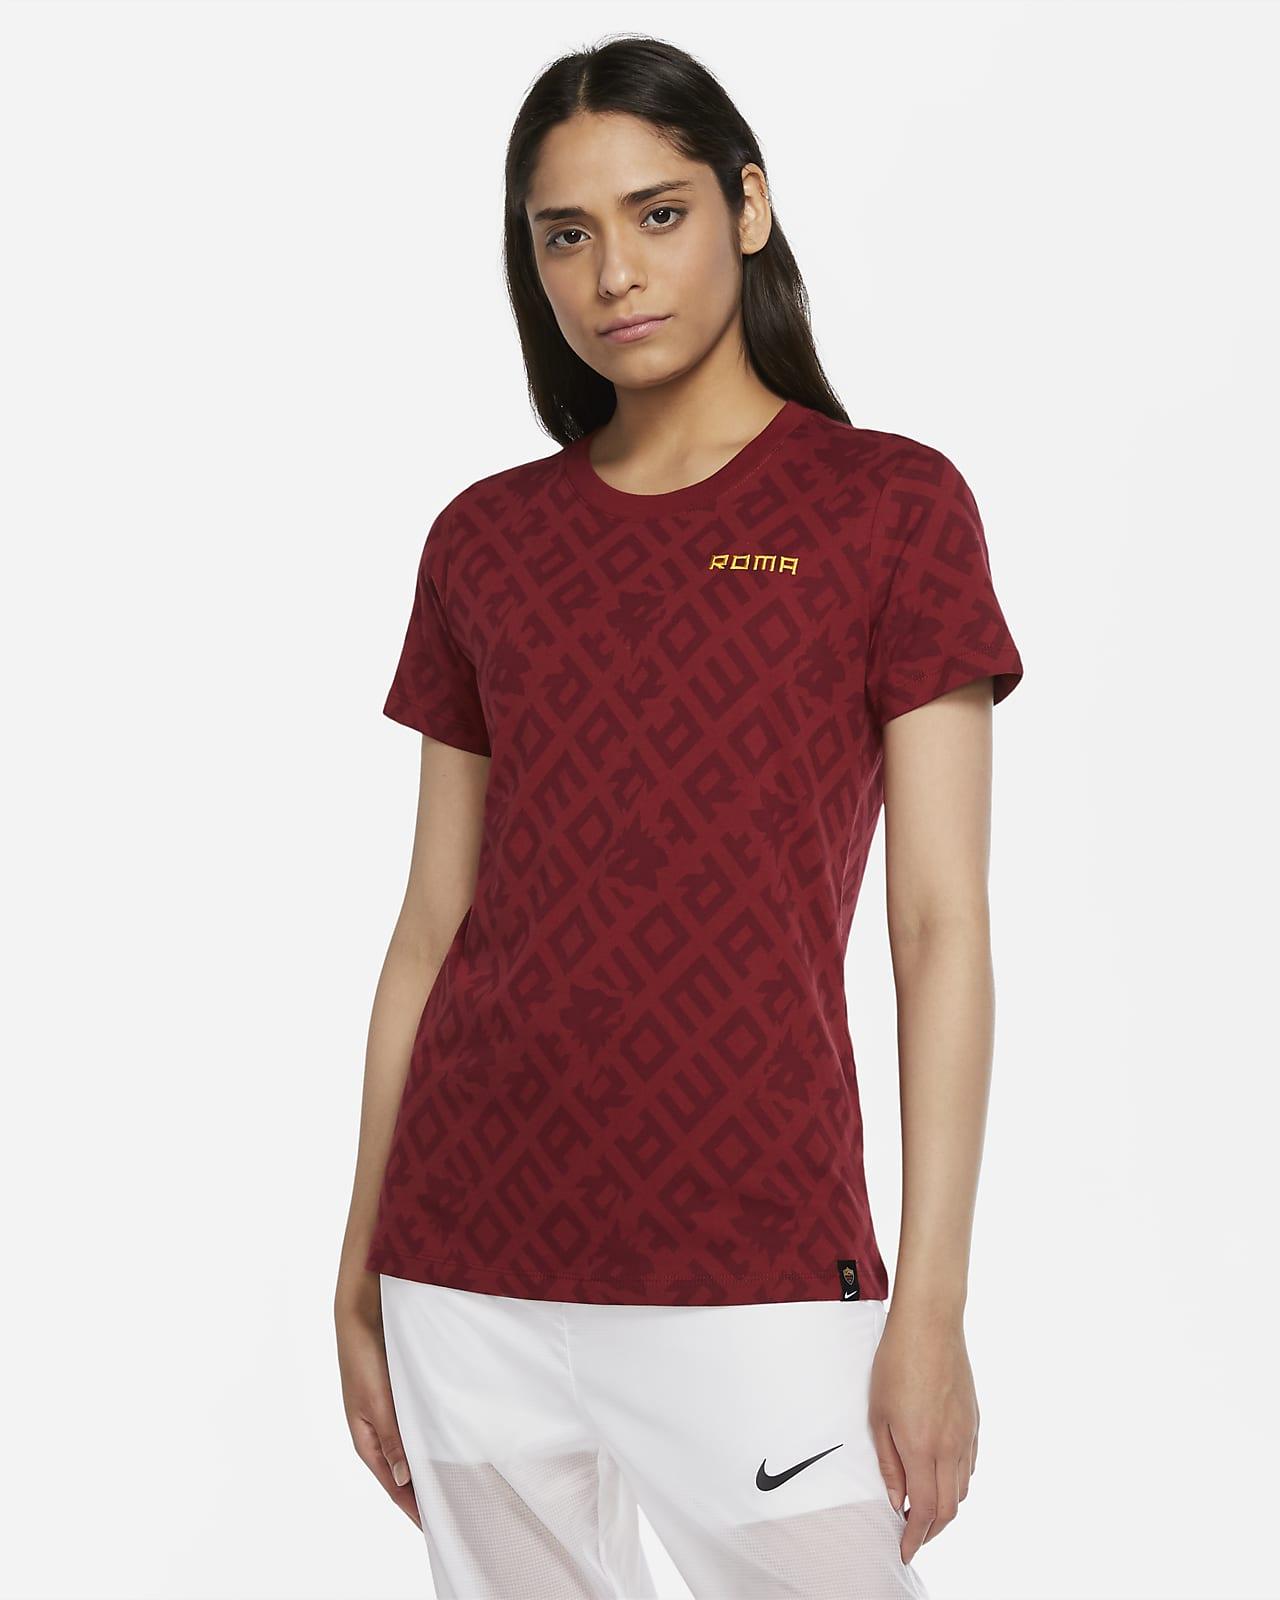 AS Roma fotball-T-skjorte til dame